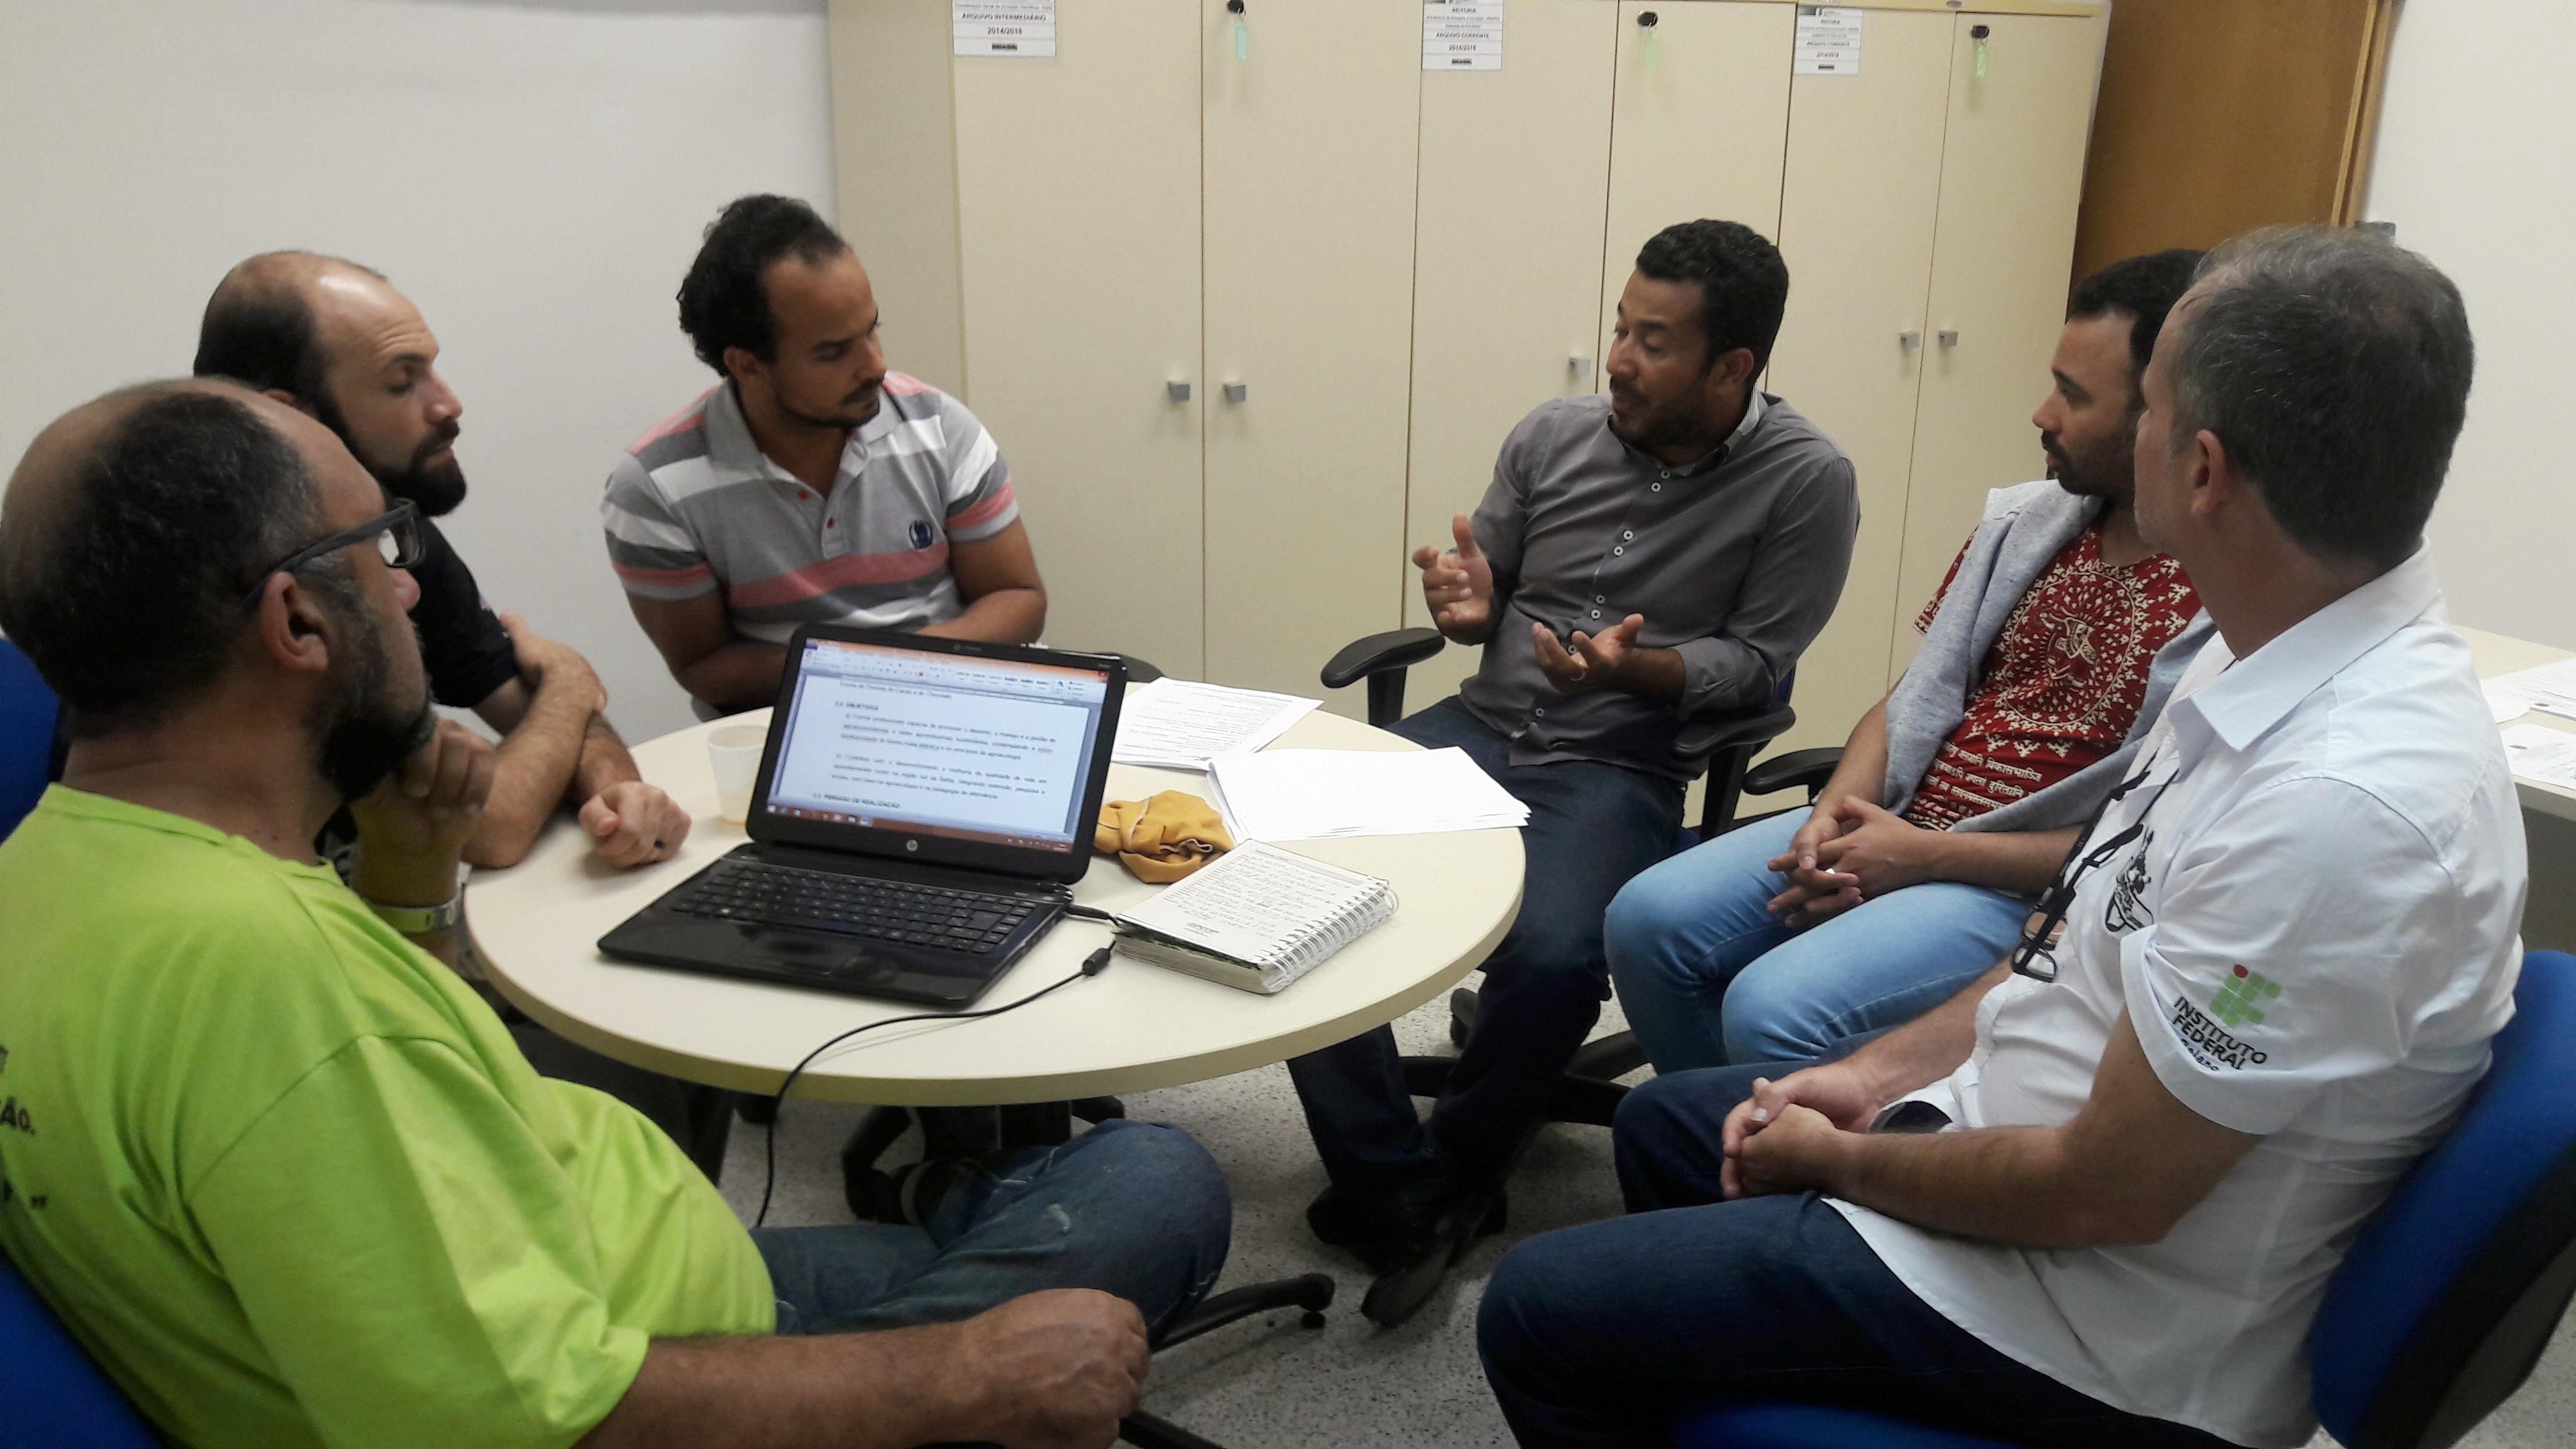 Representantes da Efase e do IF Baiano assinaram Termo de Cooperação nesta quarta-feira, 9.